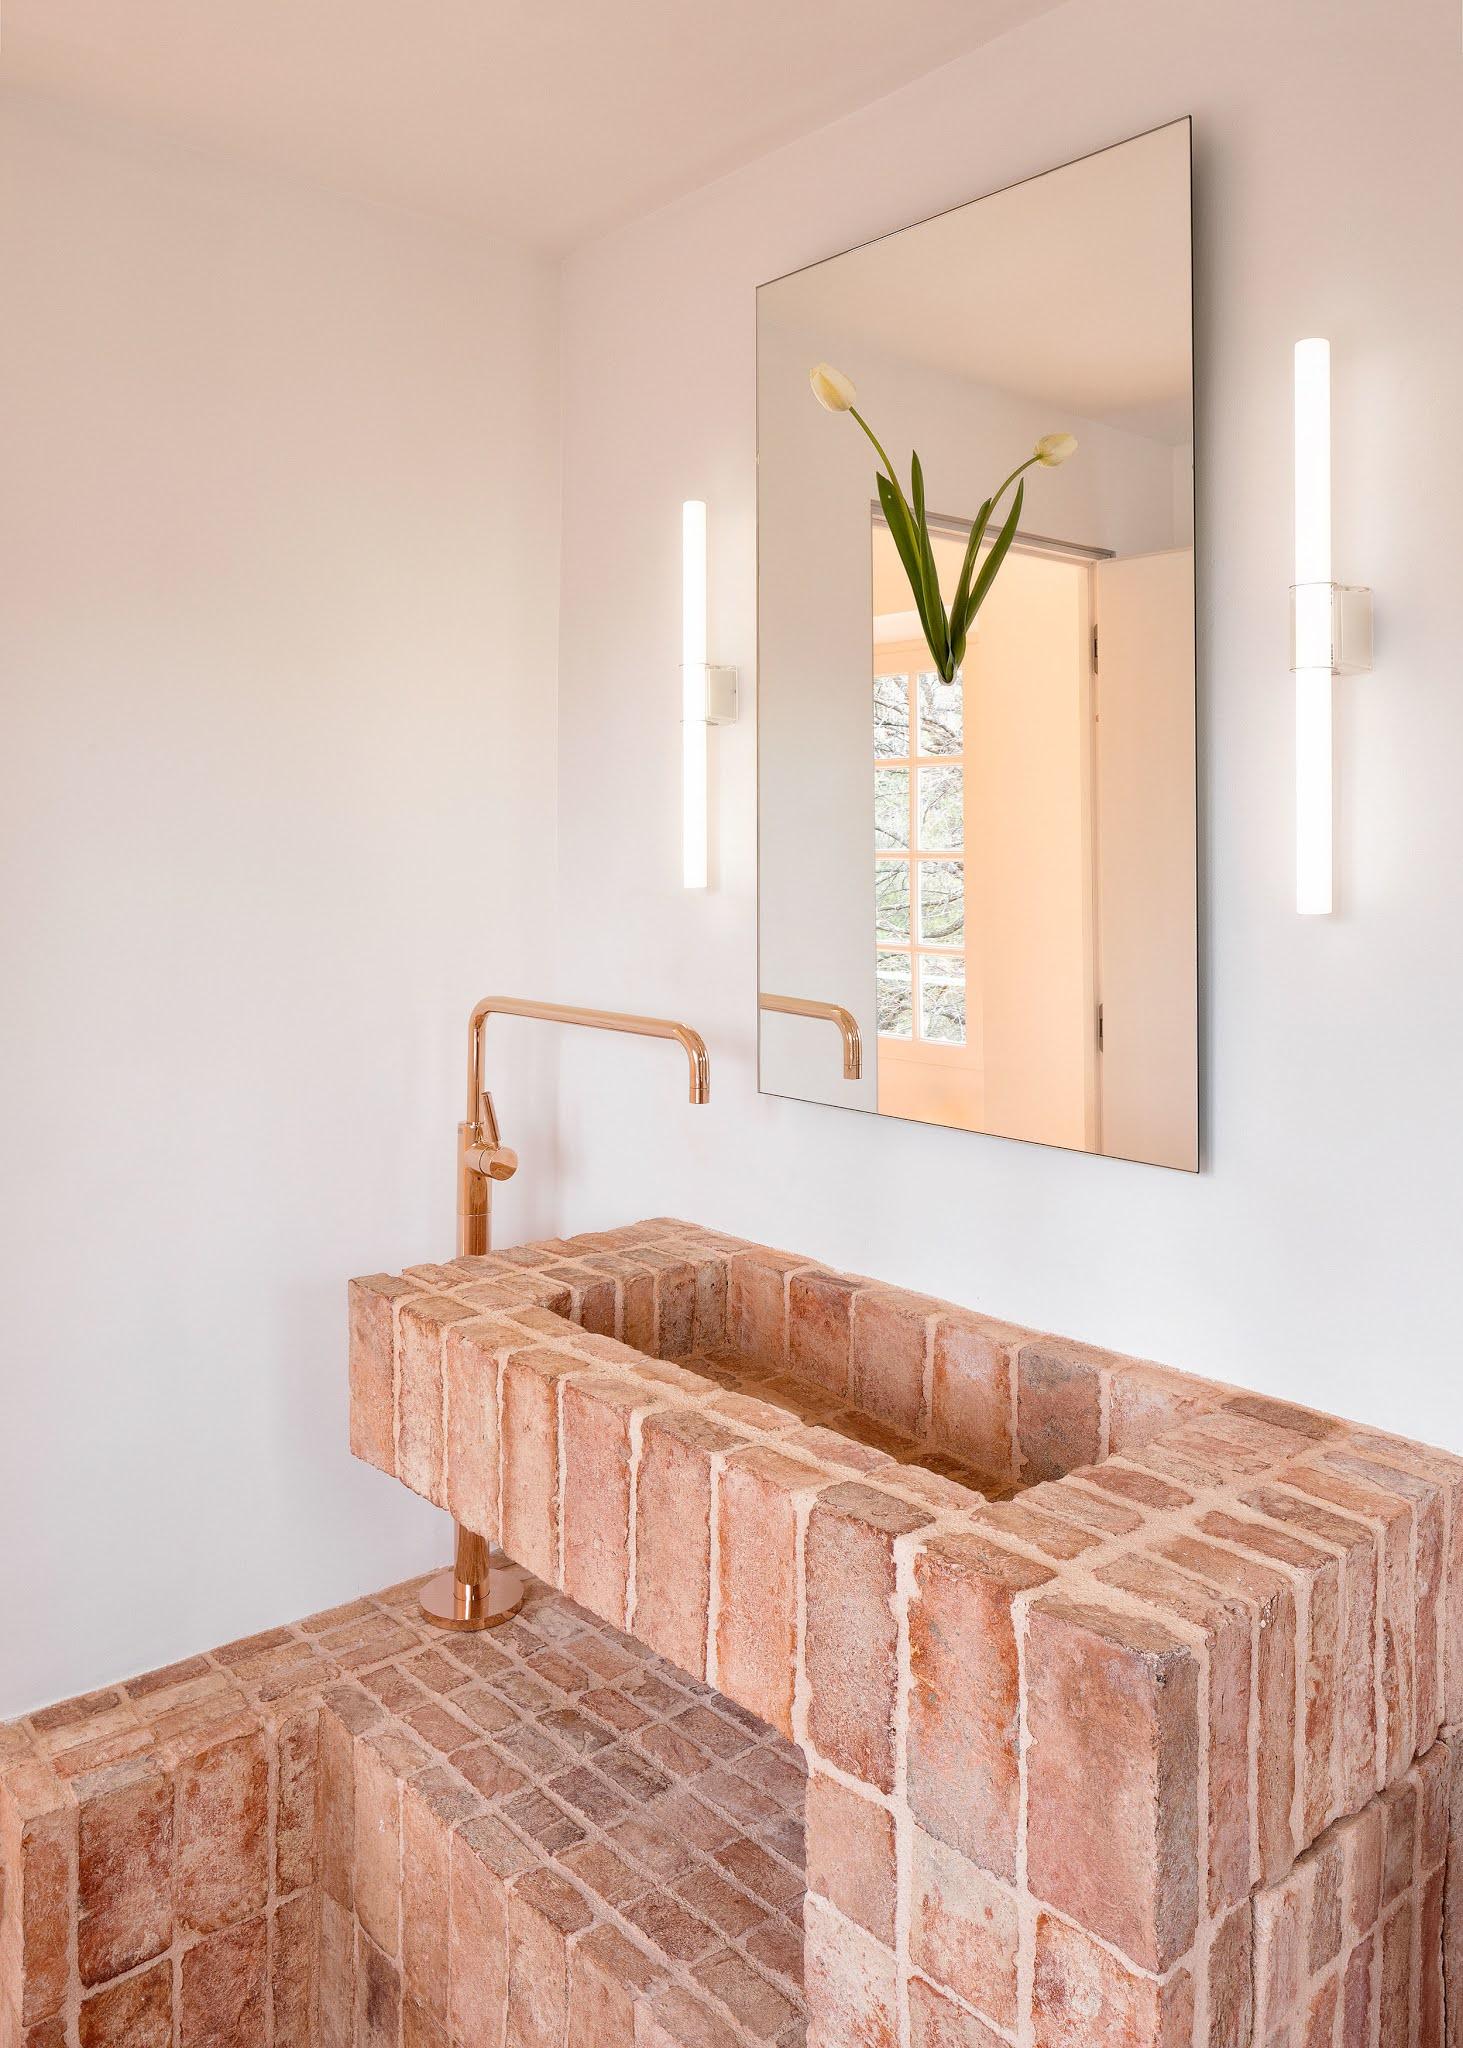 ilariafatone.com un lavabo en brique pour une installation temporaire